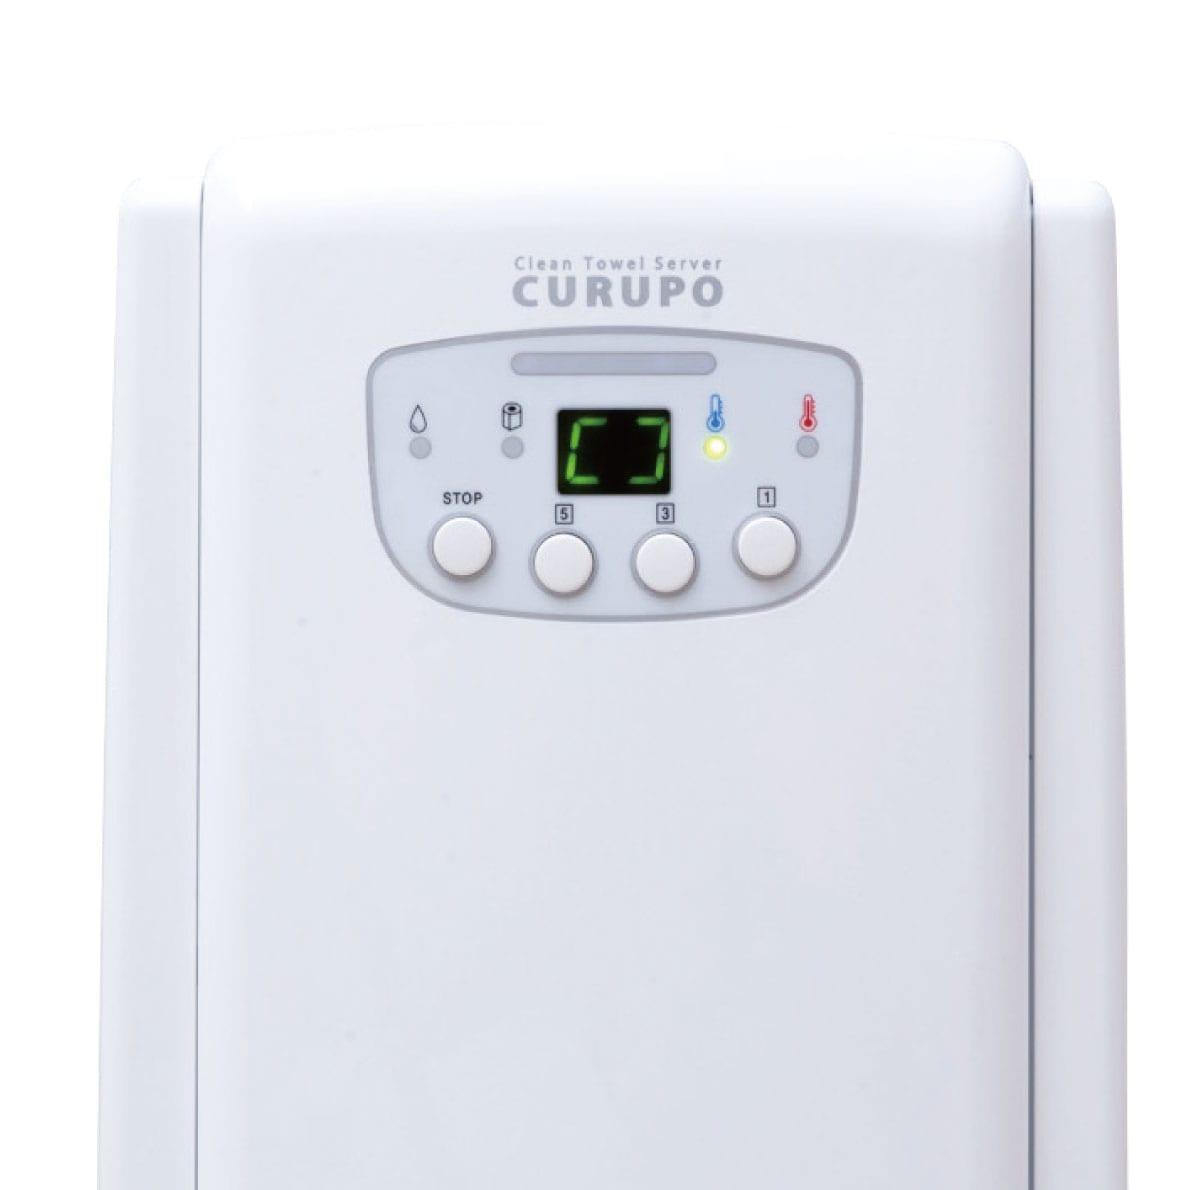 使い捨ておしぼり機「CURUPO」の特徴